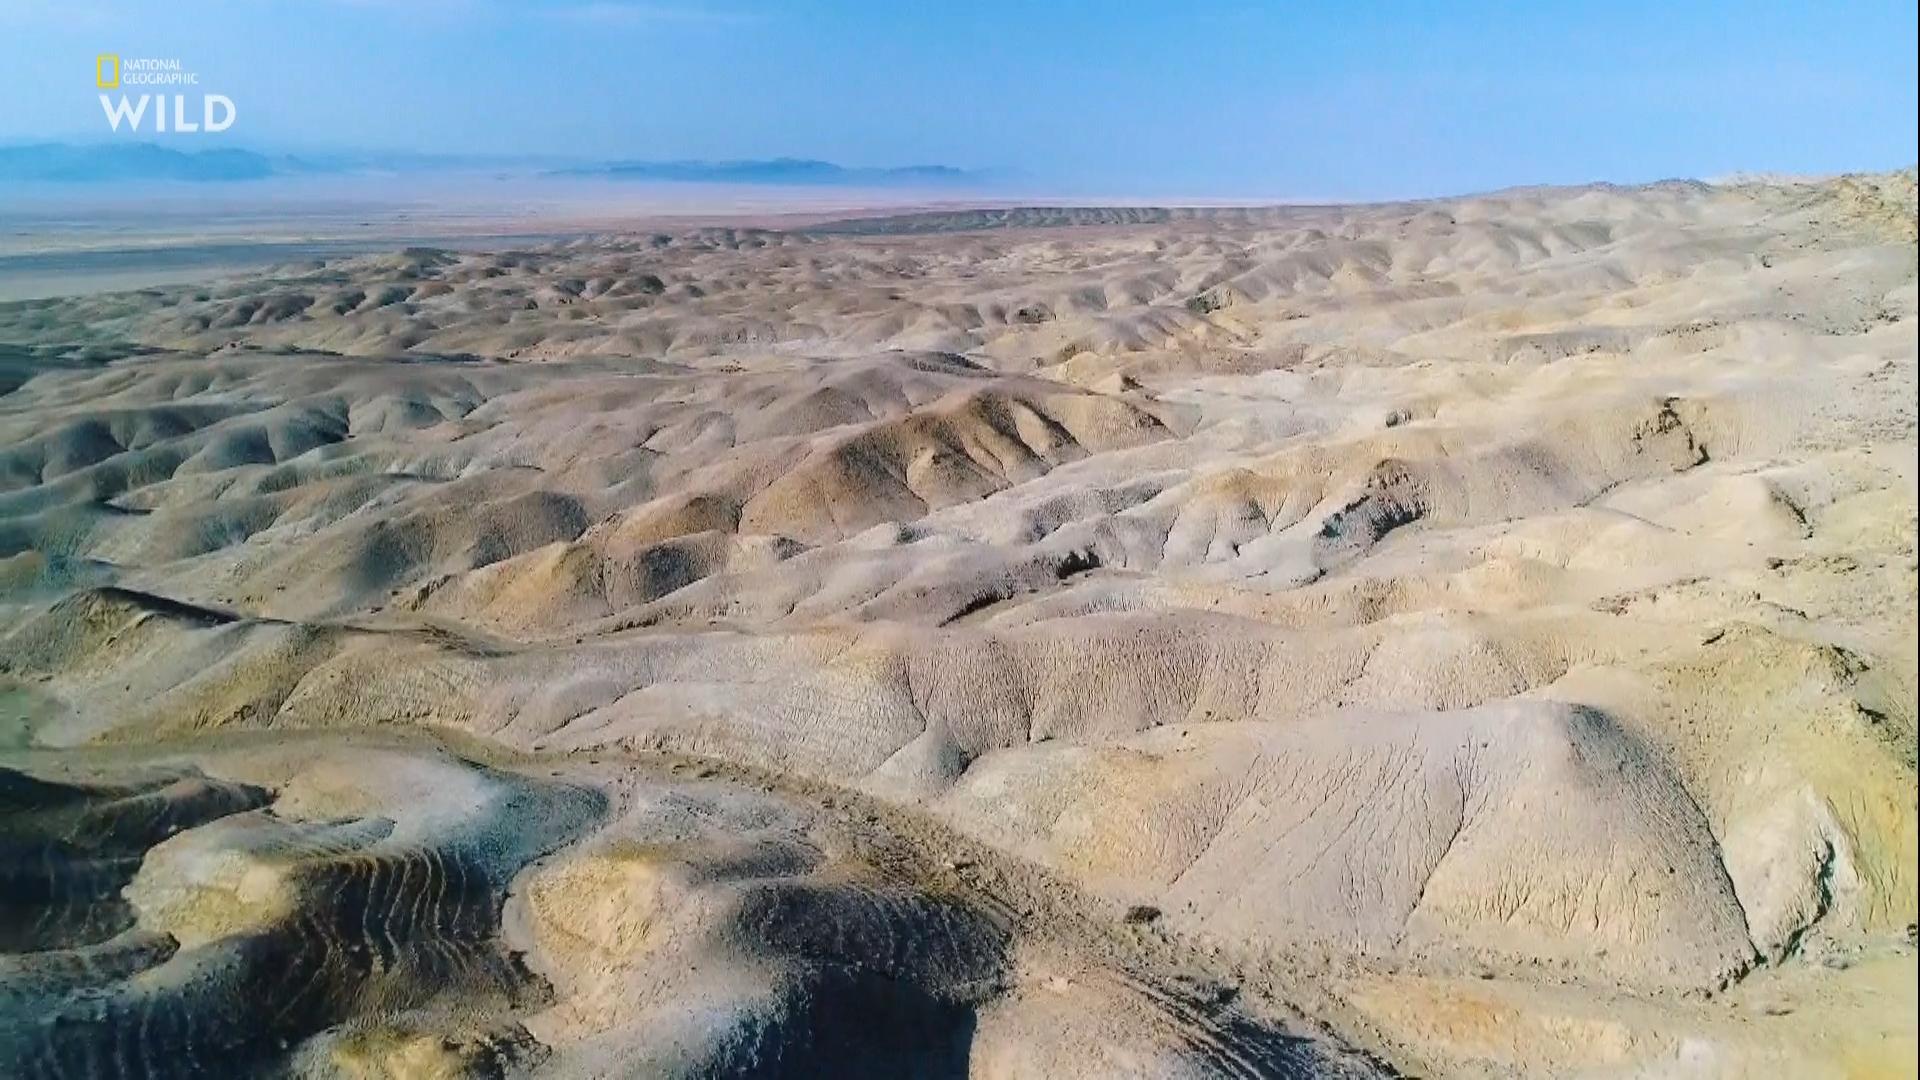 Дикая Монголия: страна крайностей. Выжившие в пустыне / Wild Mongolia. Land of Extremes (2018/HDTV) 1080i